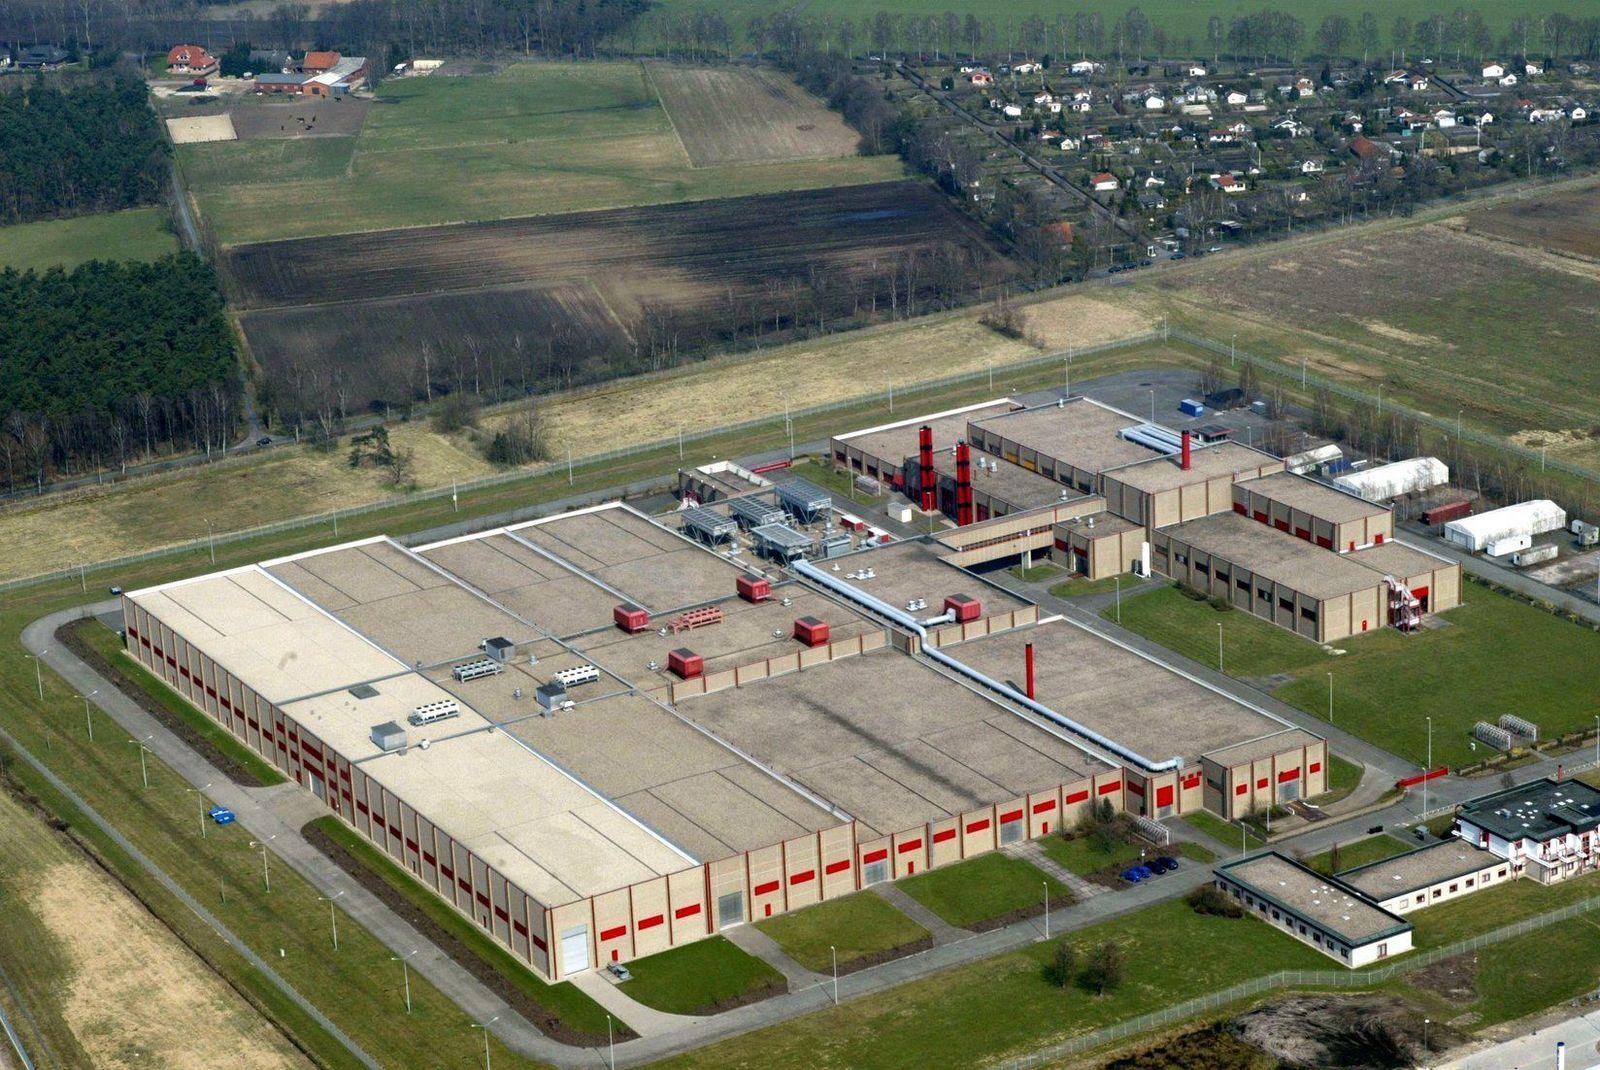 Zwischenfall in Uranfabrik Gronau